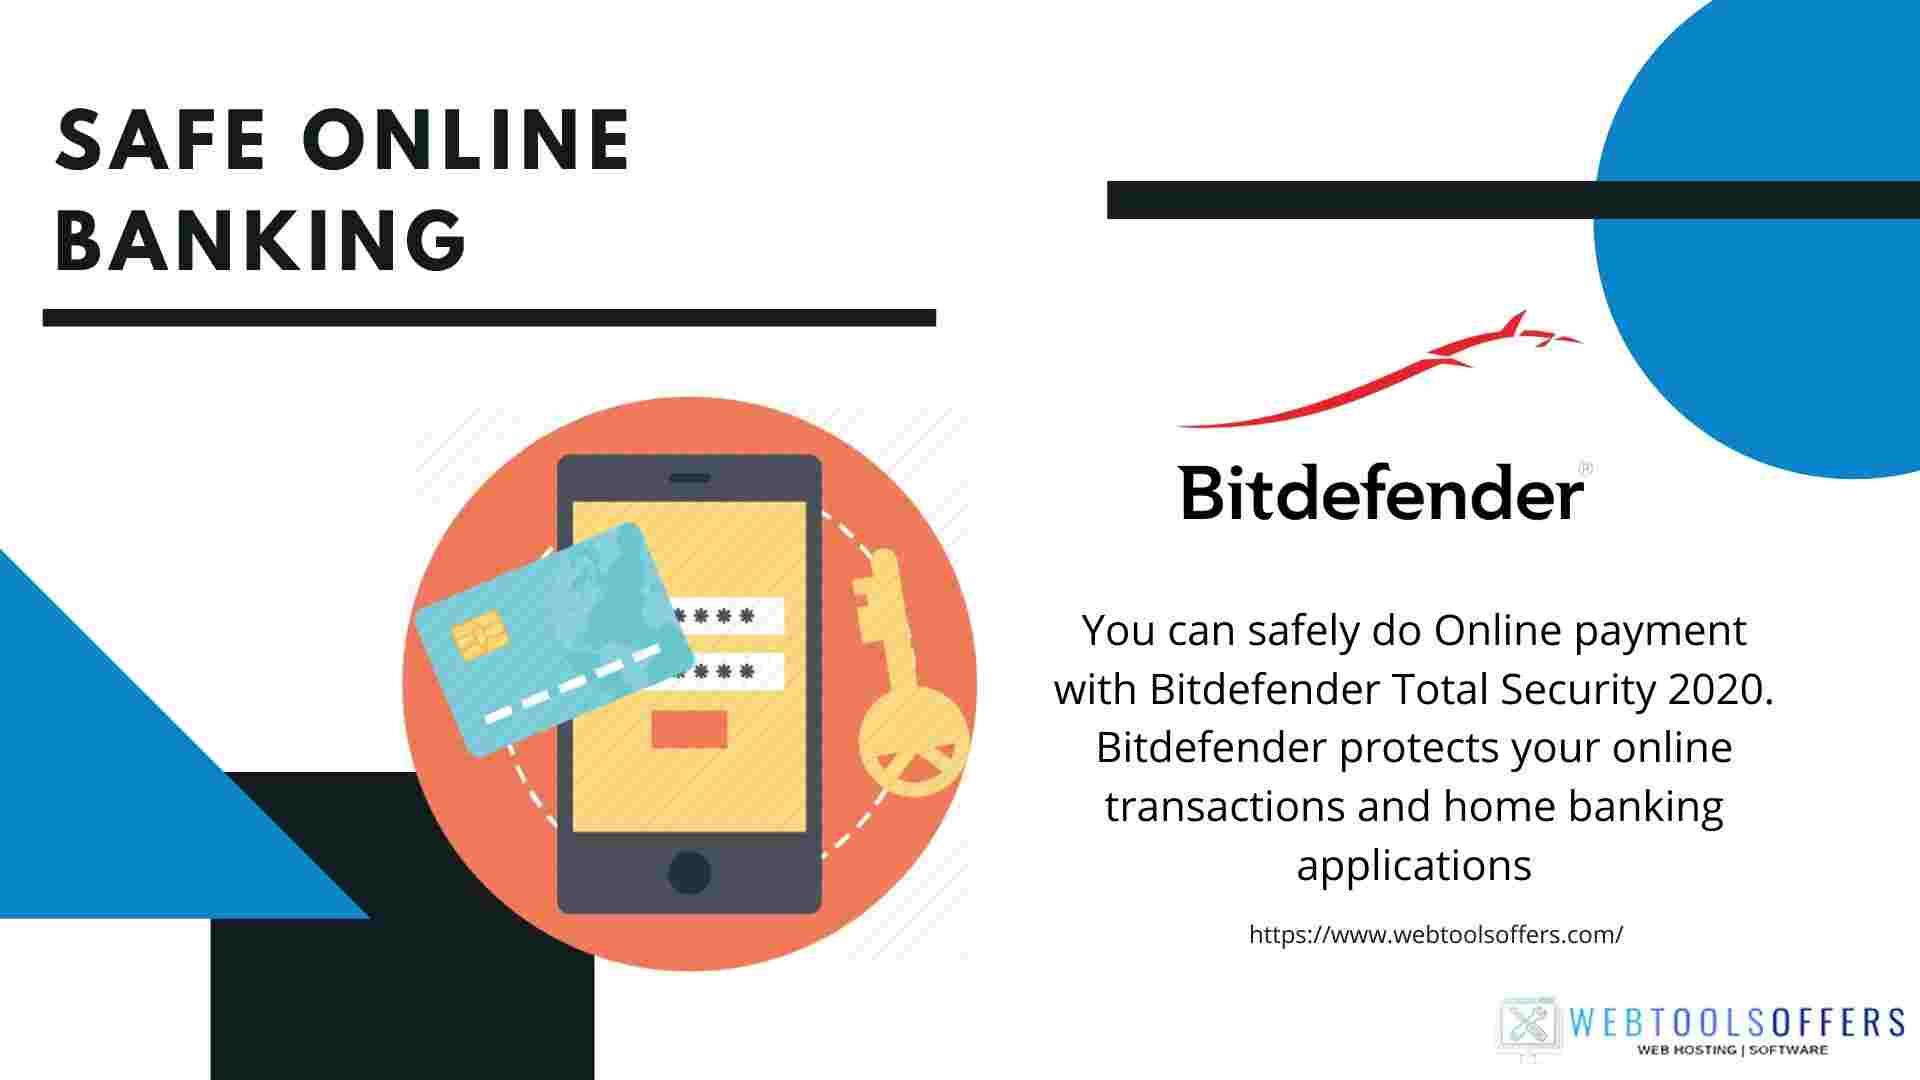 Bitdefender total Security Online Banking